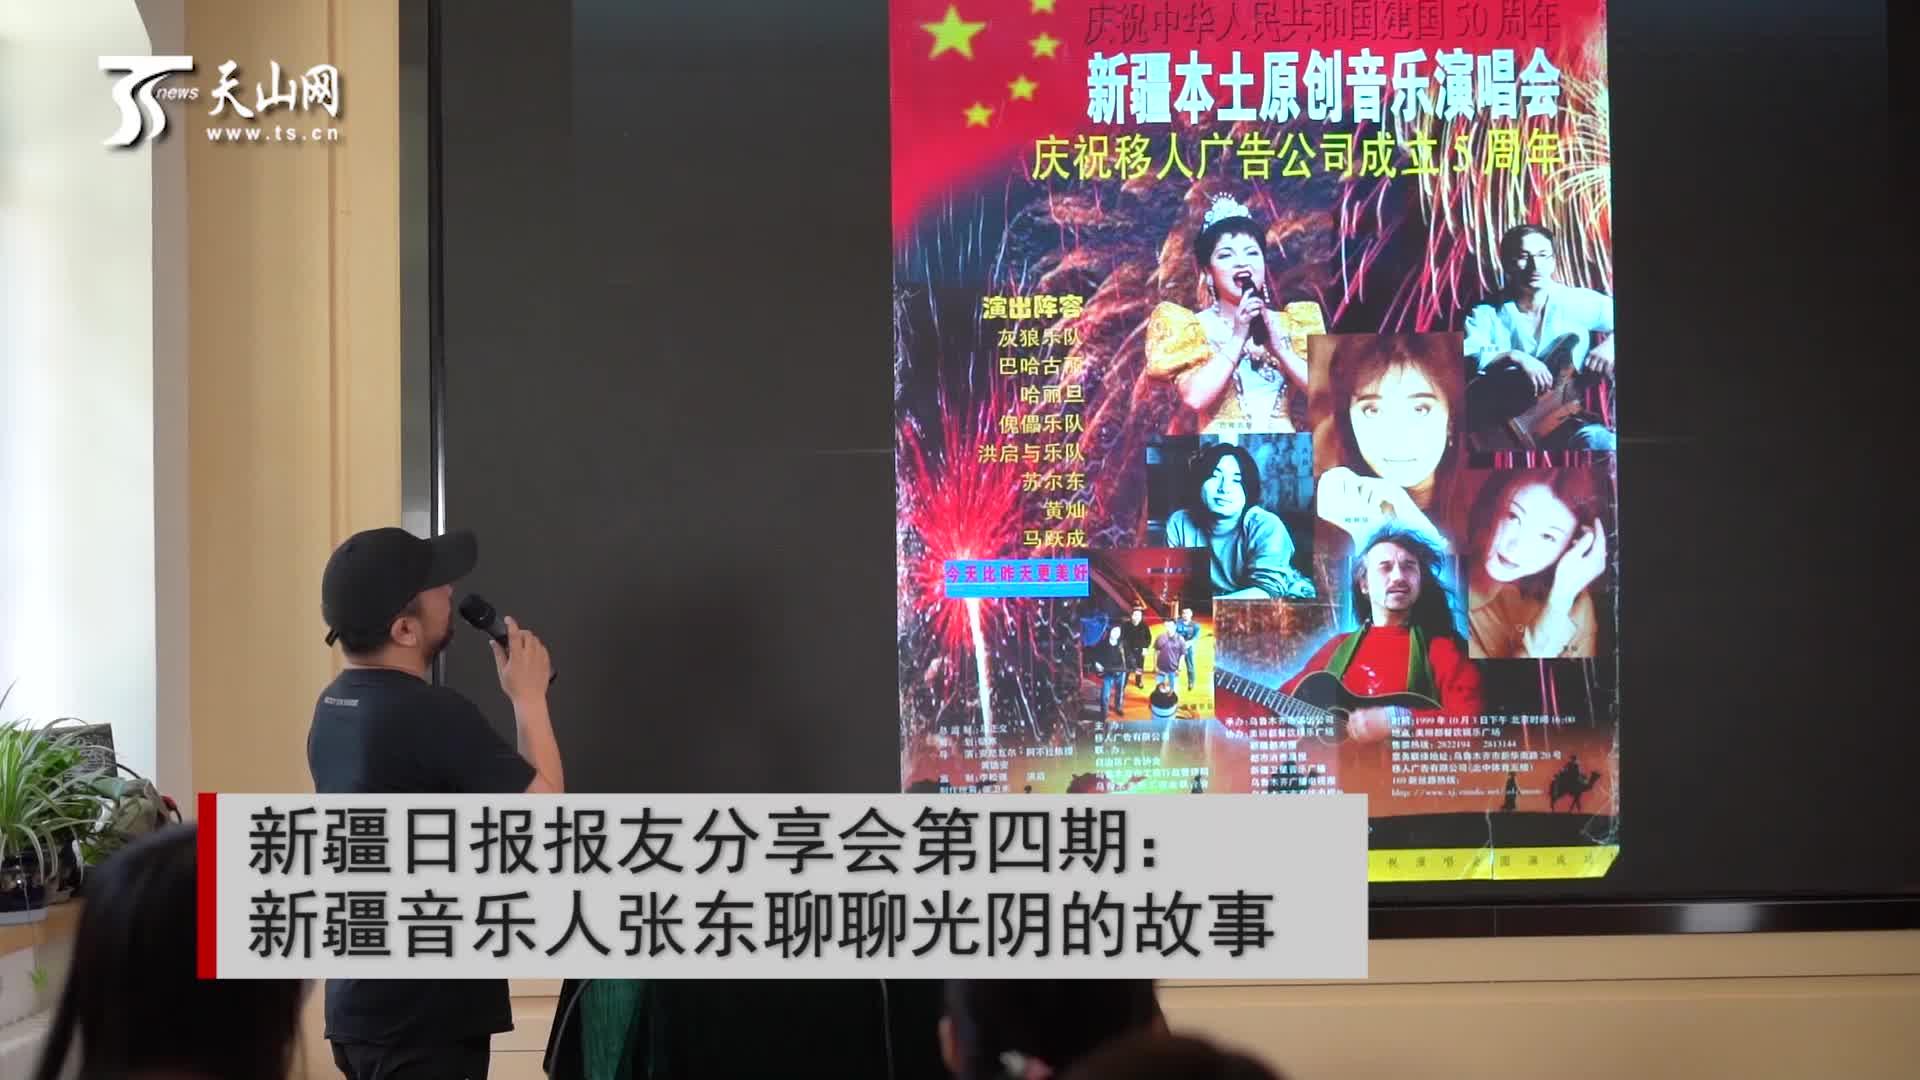 小天视频 | 新疆日报报友分享会第四期:新疆音乐人张东聊聊光阴的故事